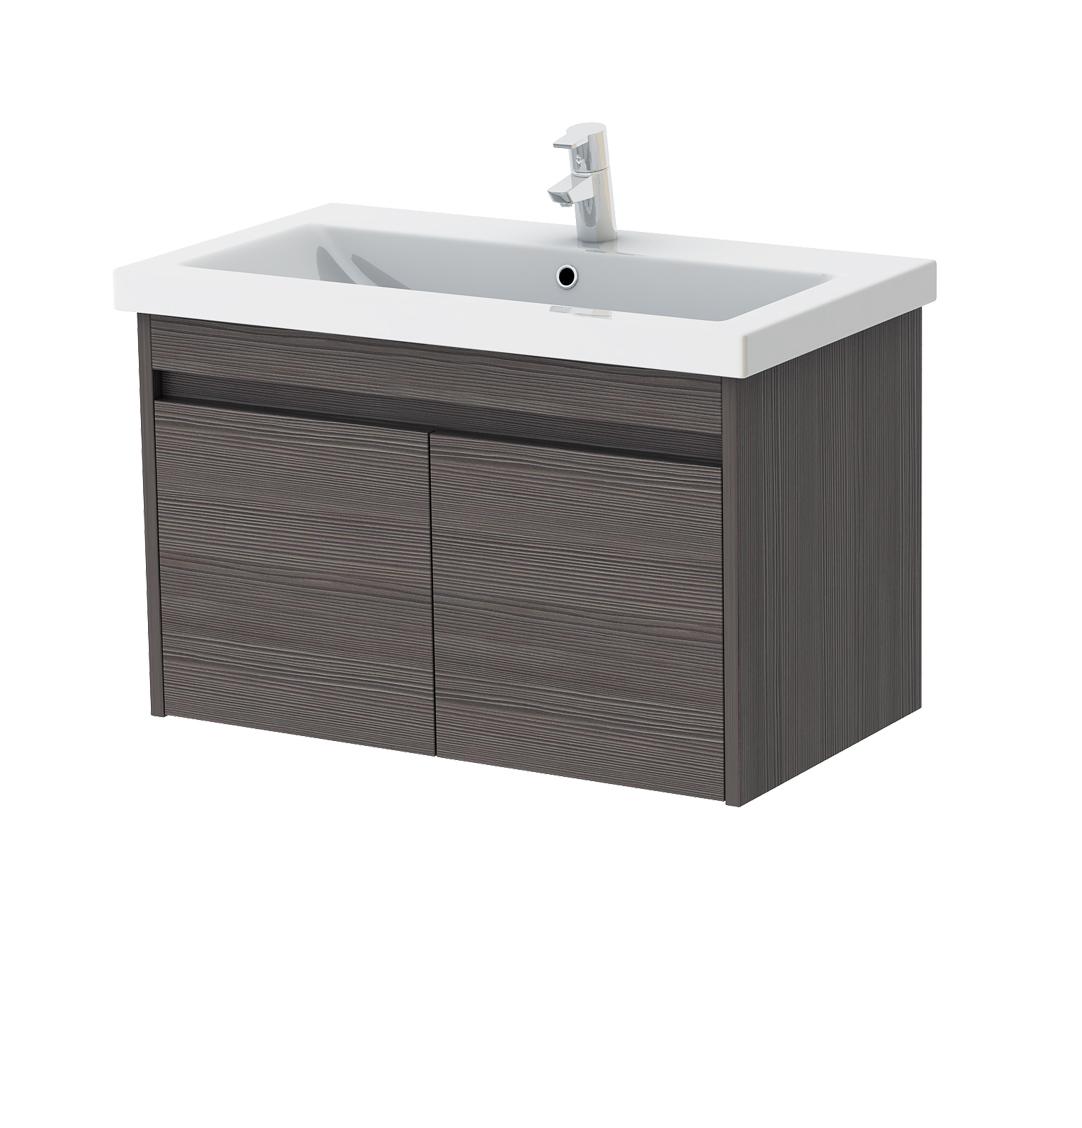 Kúpeľňová skrinka na stenu s umývadlom - Juventa - Ravenna - Rv-80 (sivohnedá). Sme autorizovaný predajca Juventa. Vlastná spoľahlivá doprava až k Vám domov.